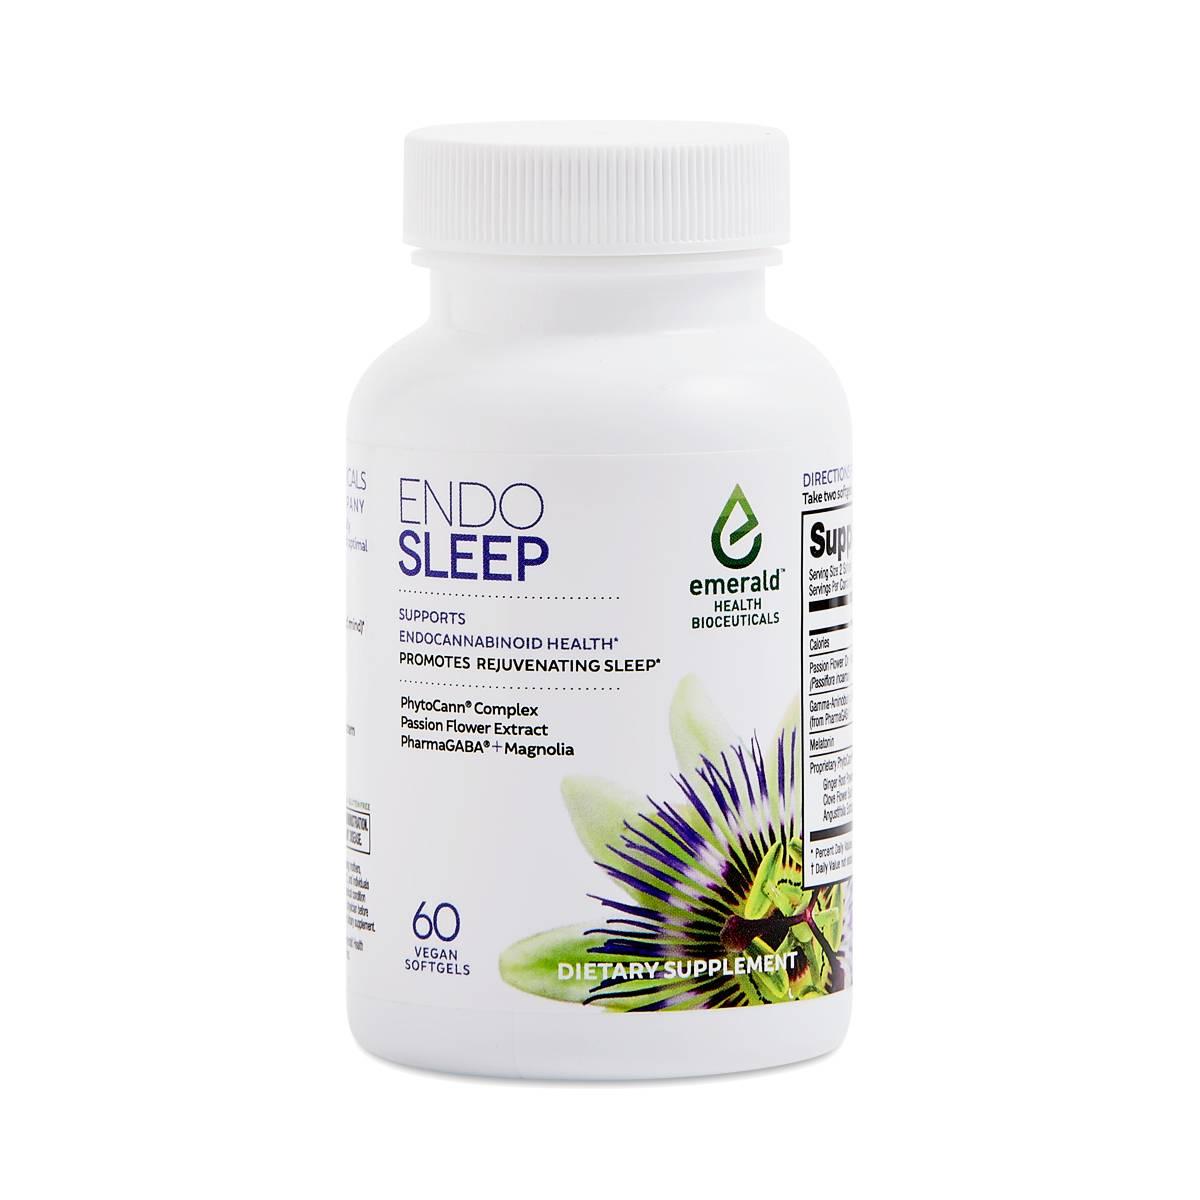 Emerald Health Bioceuticals EndoSleep - Thrive Market